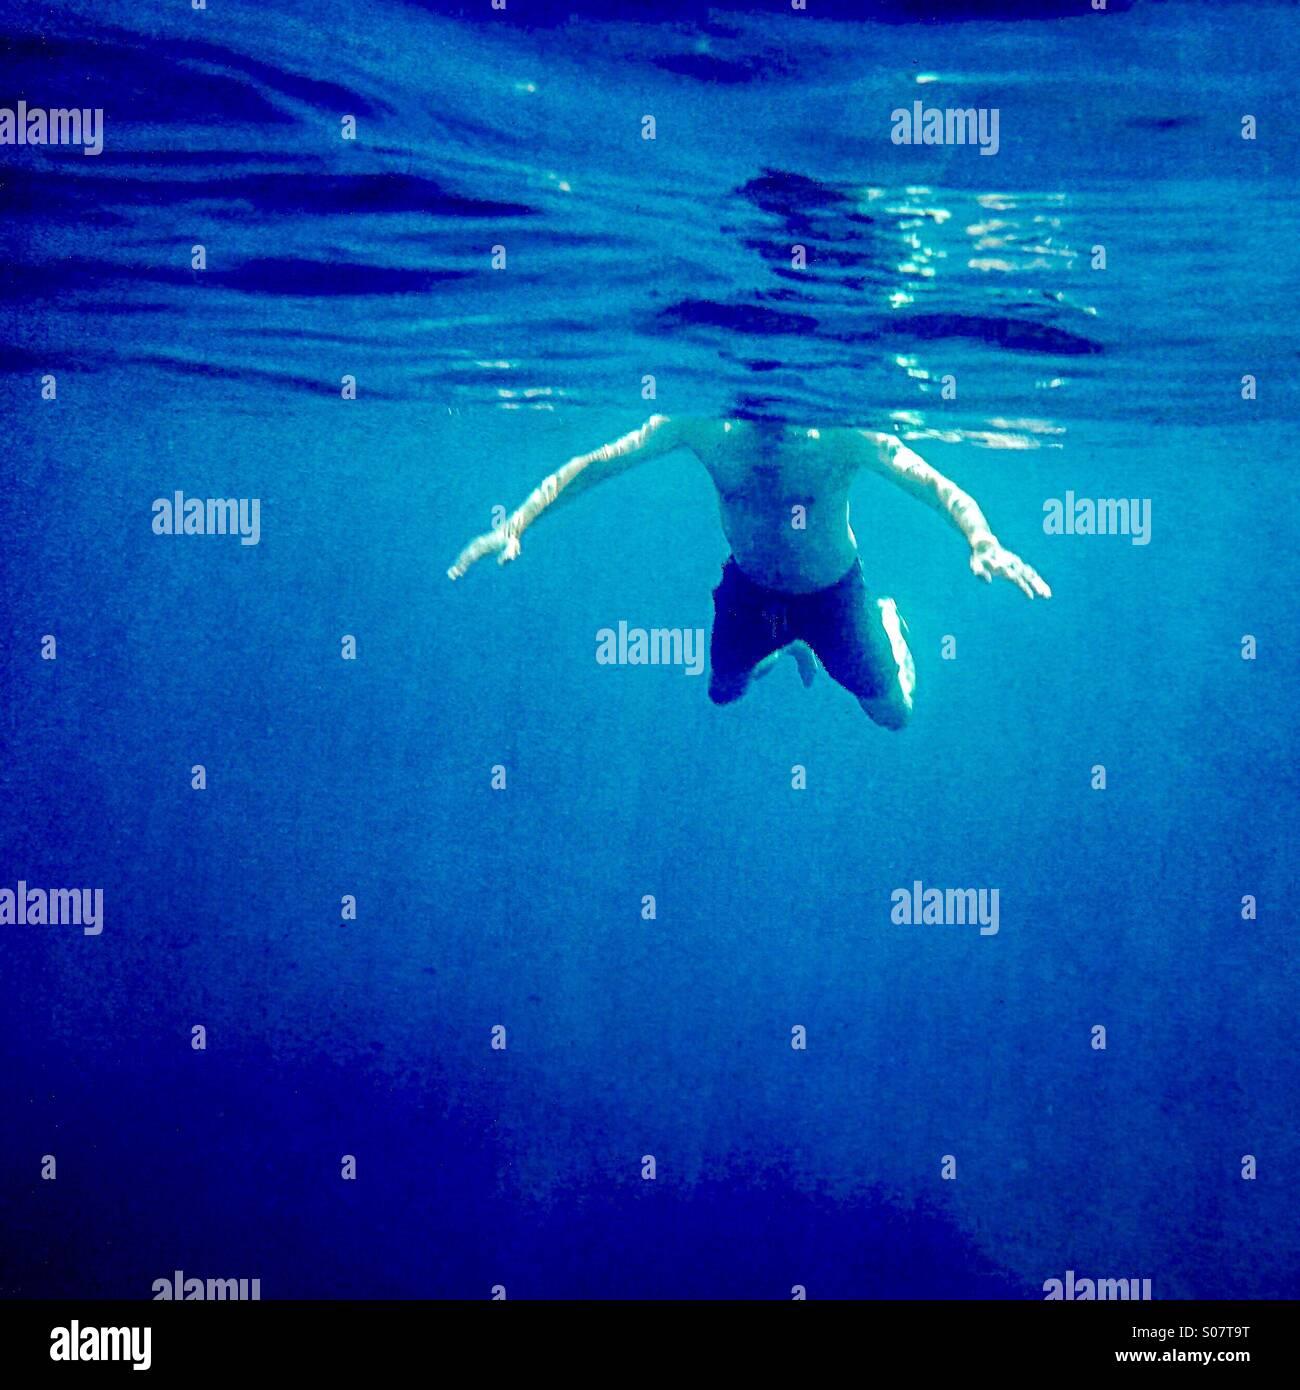 Hai-Angriff!                                               Ein Mann Schwimmen von Unterwasser gesehen Stockbild